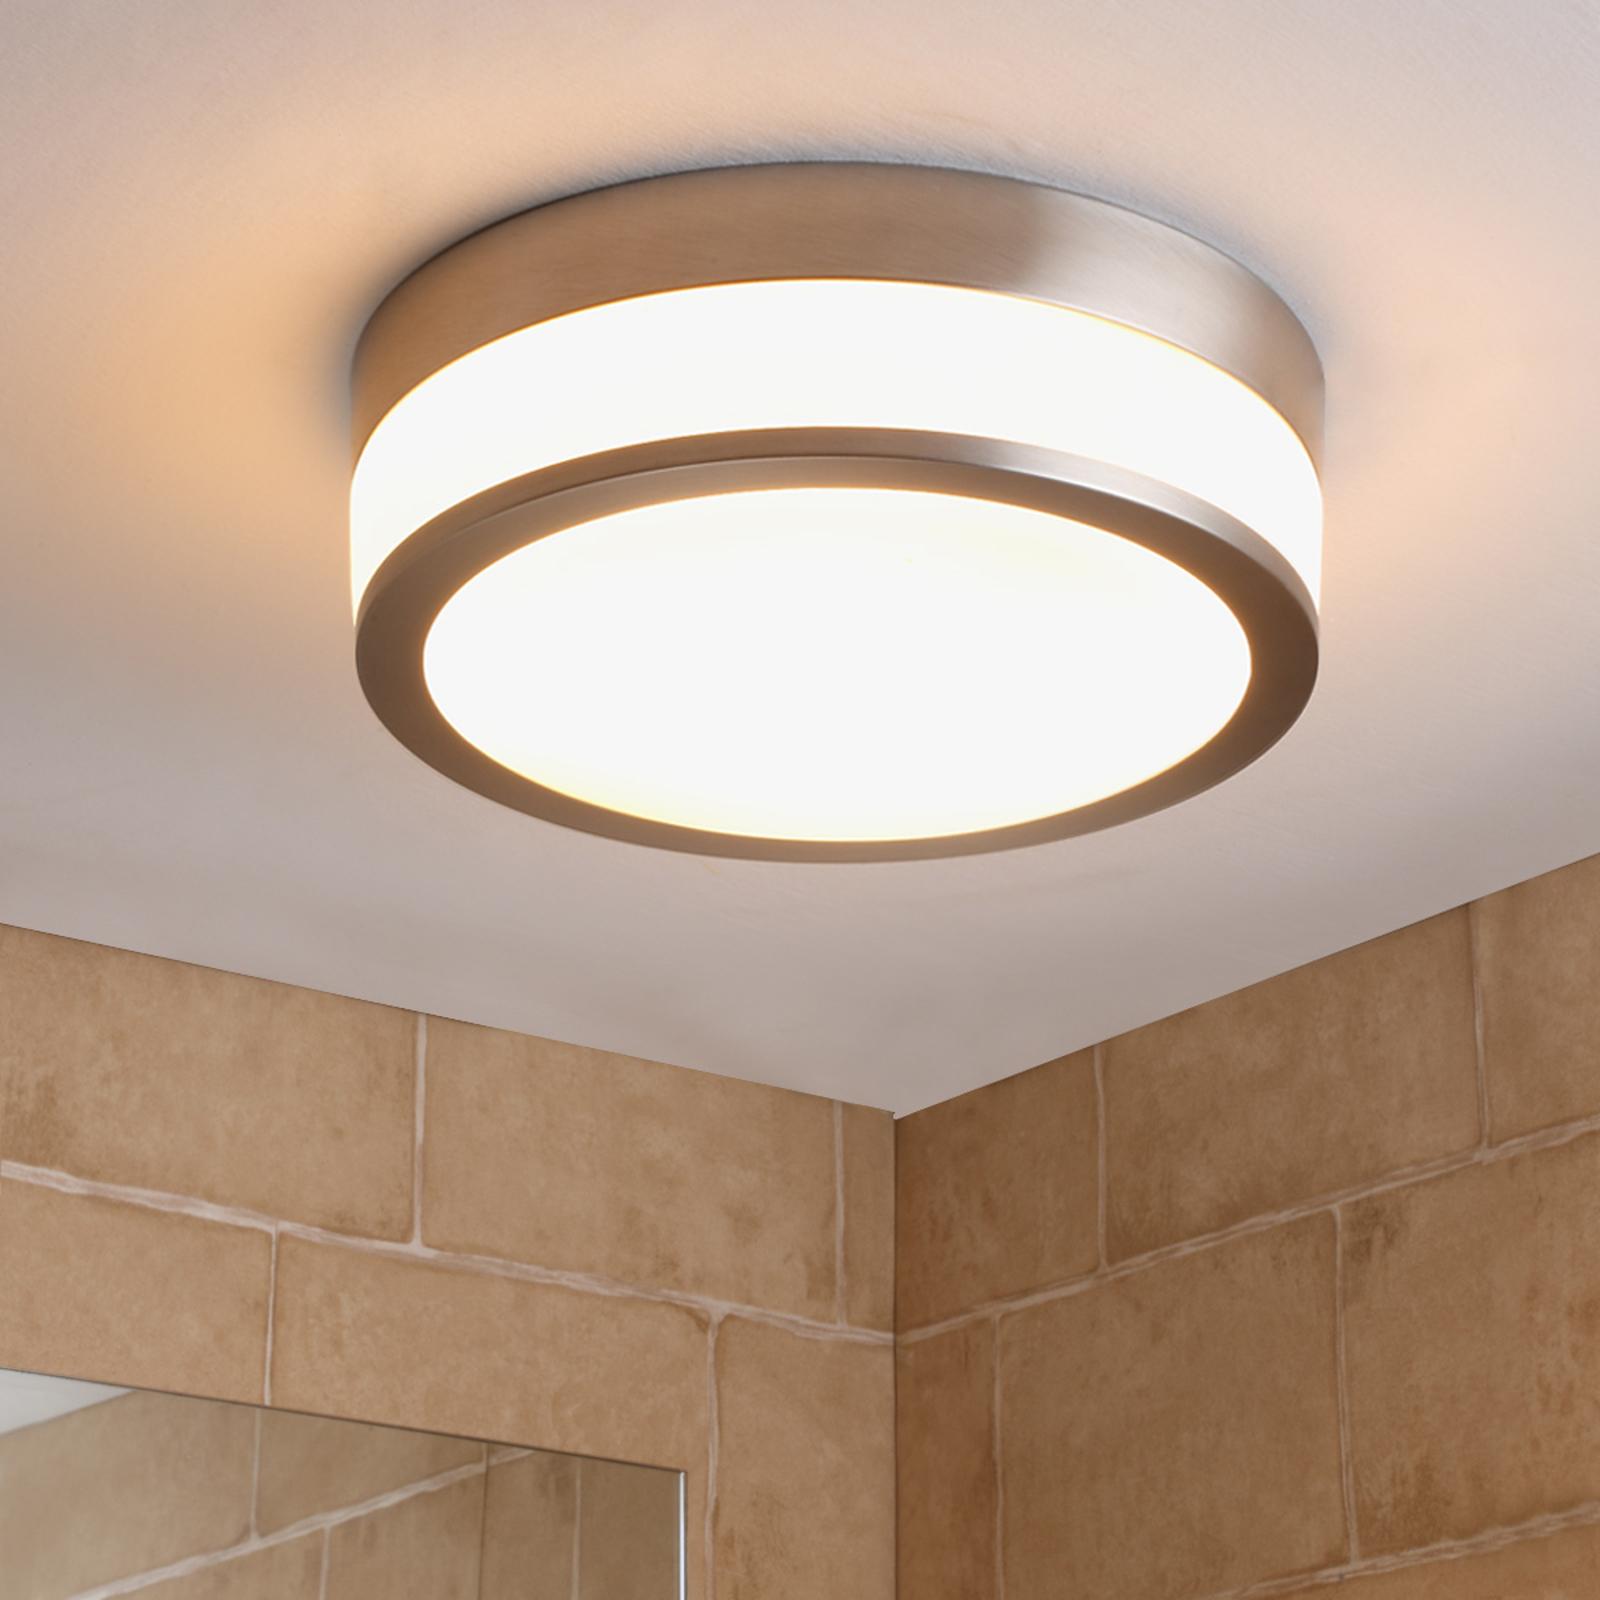 Lindby Flavi LED-loftlampe til badet 28 cm, nikkel